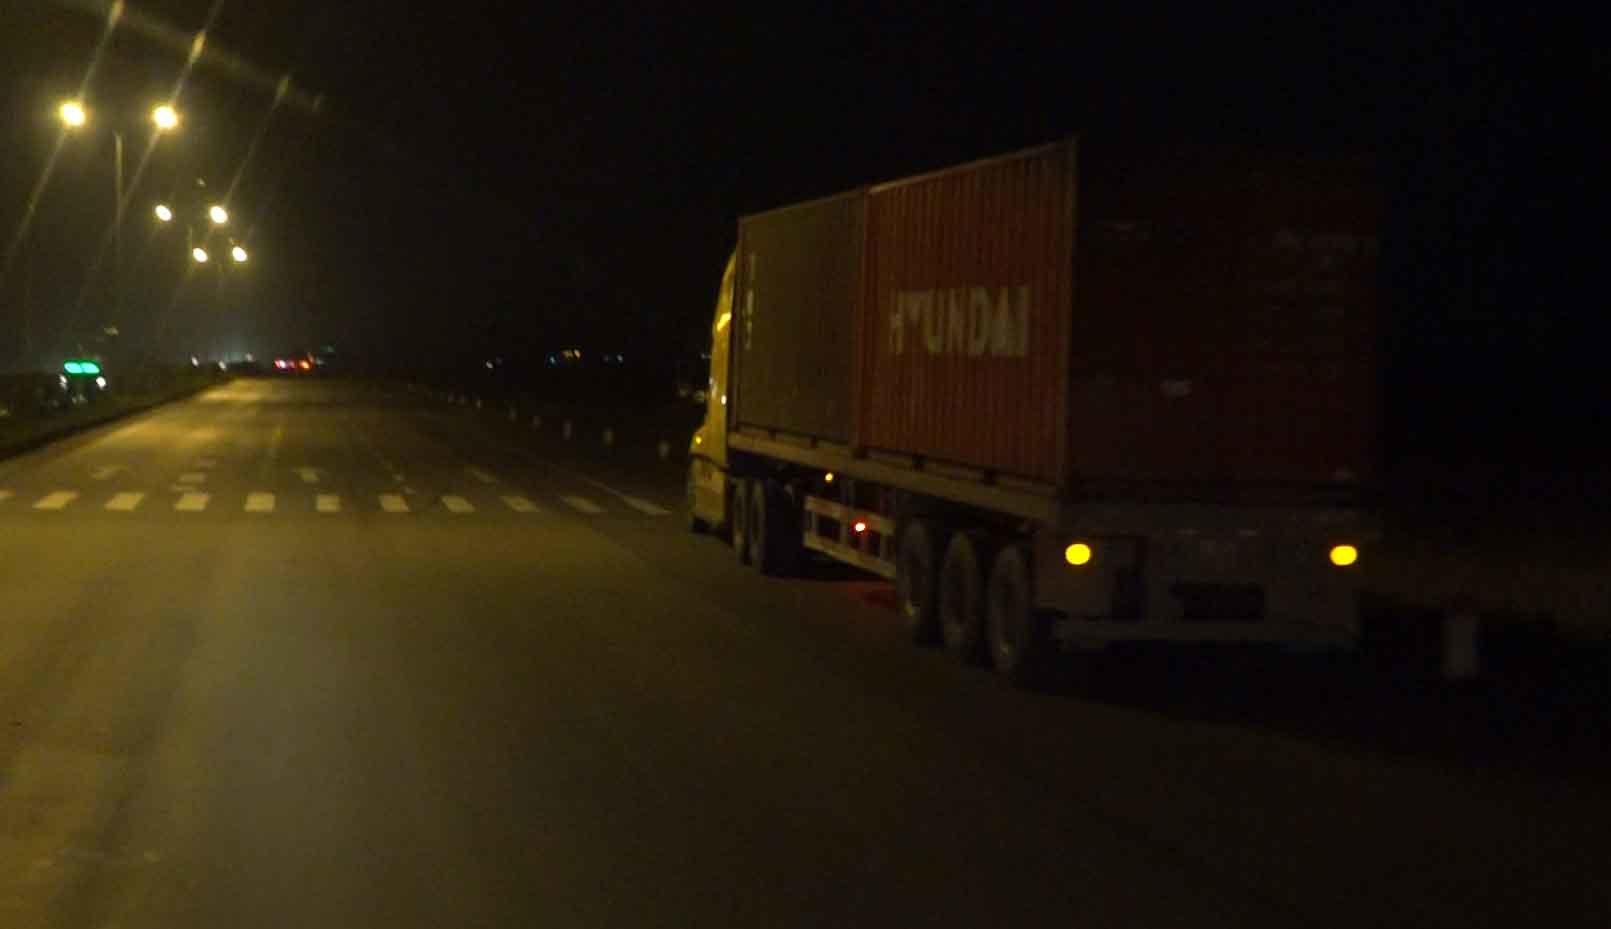 Lời đồn ma túy giúp tỉnh như sáo 2 ngày 2 đêm: Lái xe container tàn đời-4